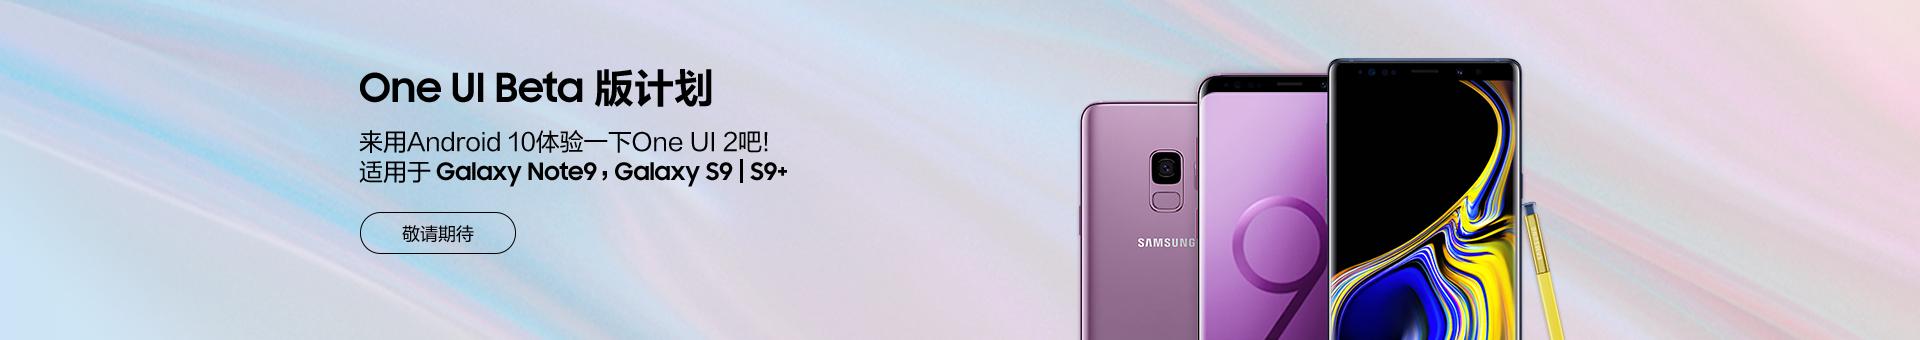 【公告】关于Galaxy S9   S9+及Galaxy Note9 One UI 2内测